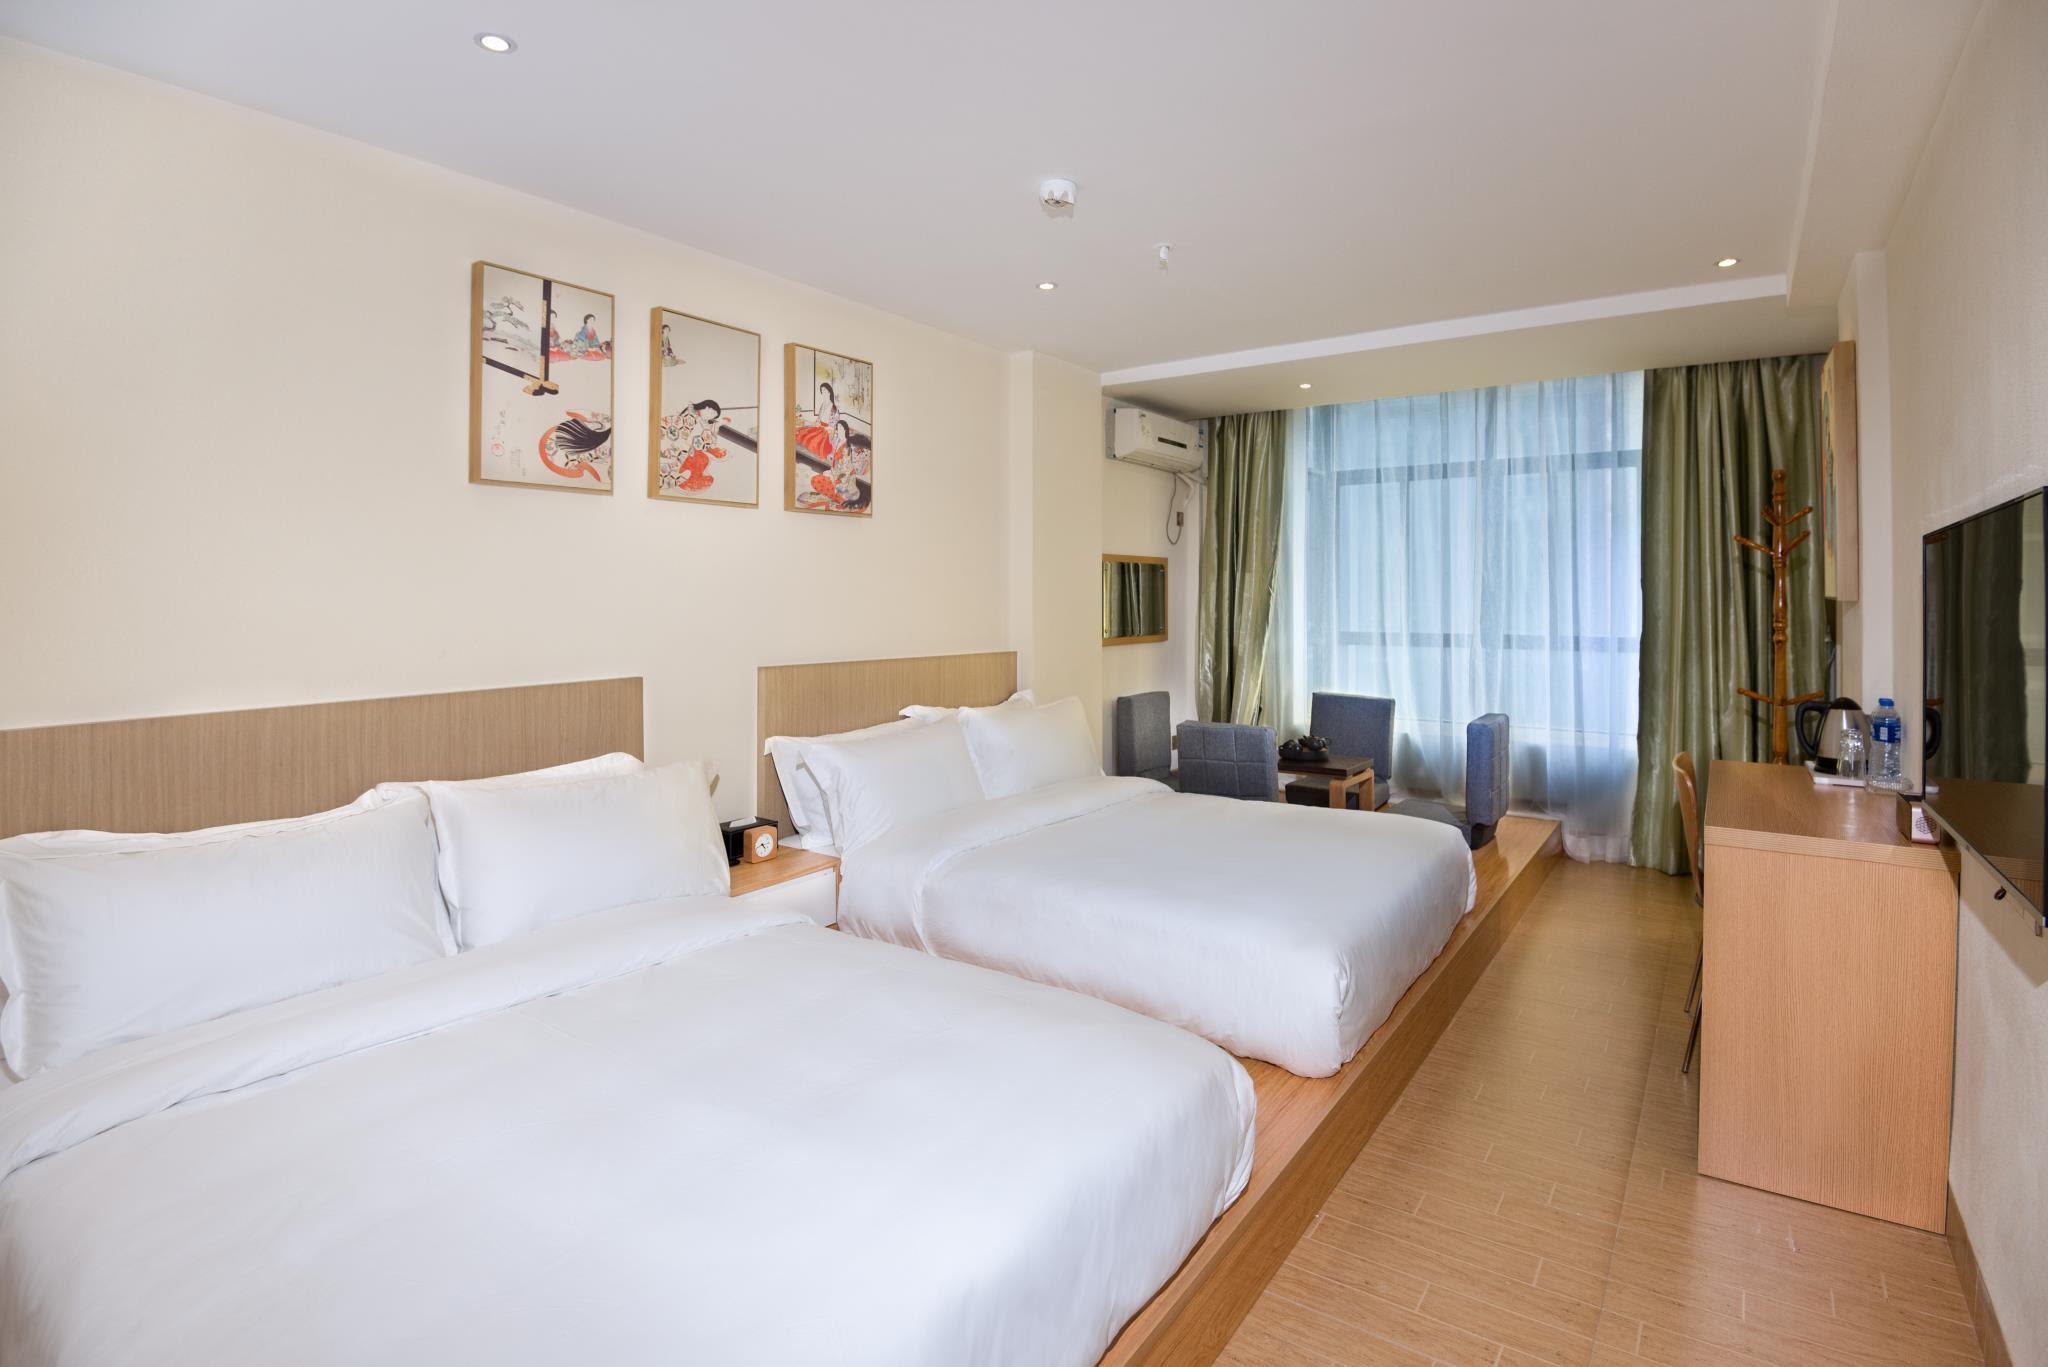 Review Bangkok One hotel Huizhou